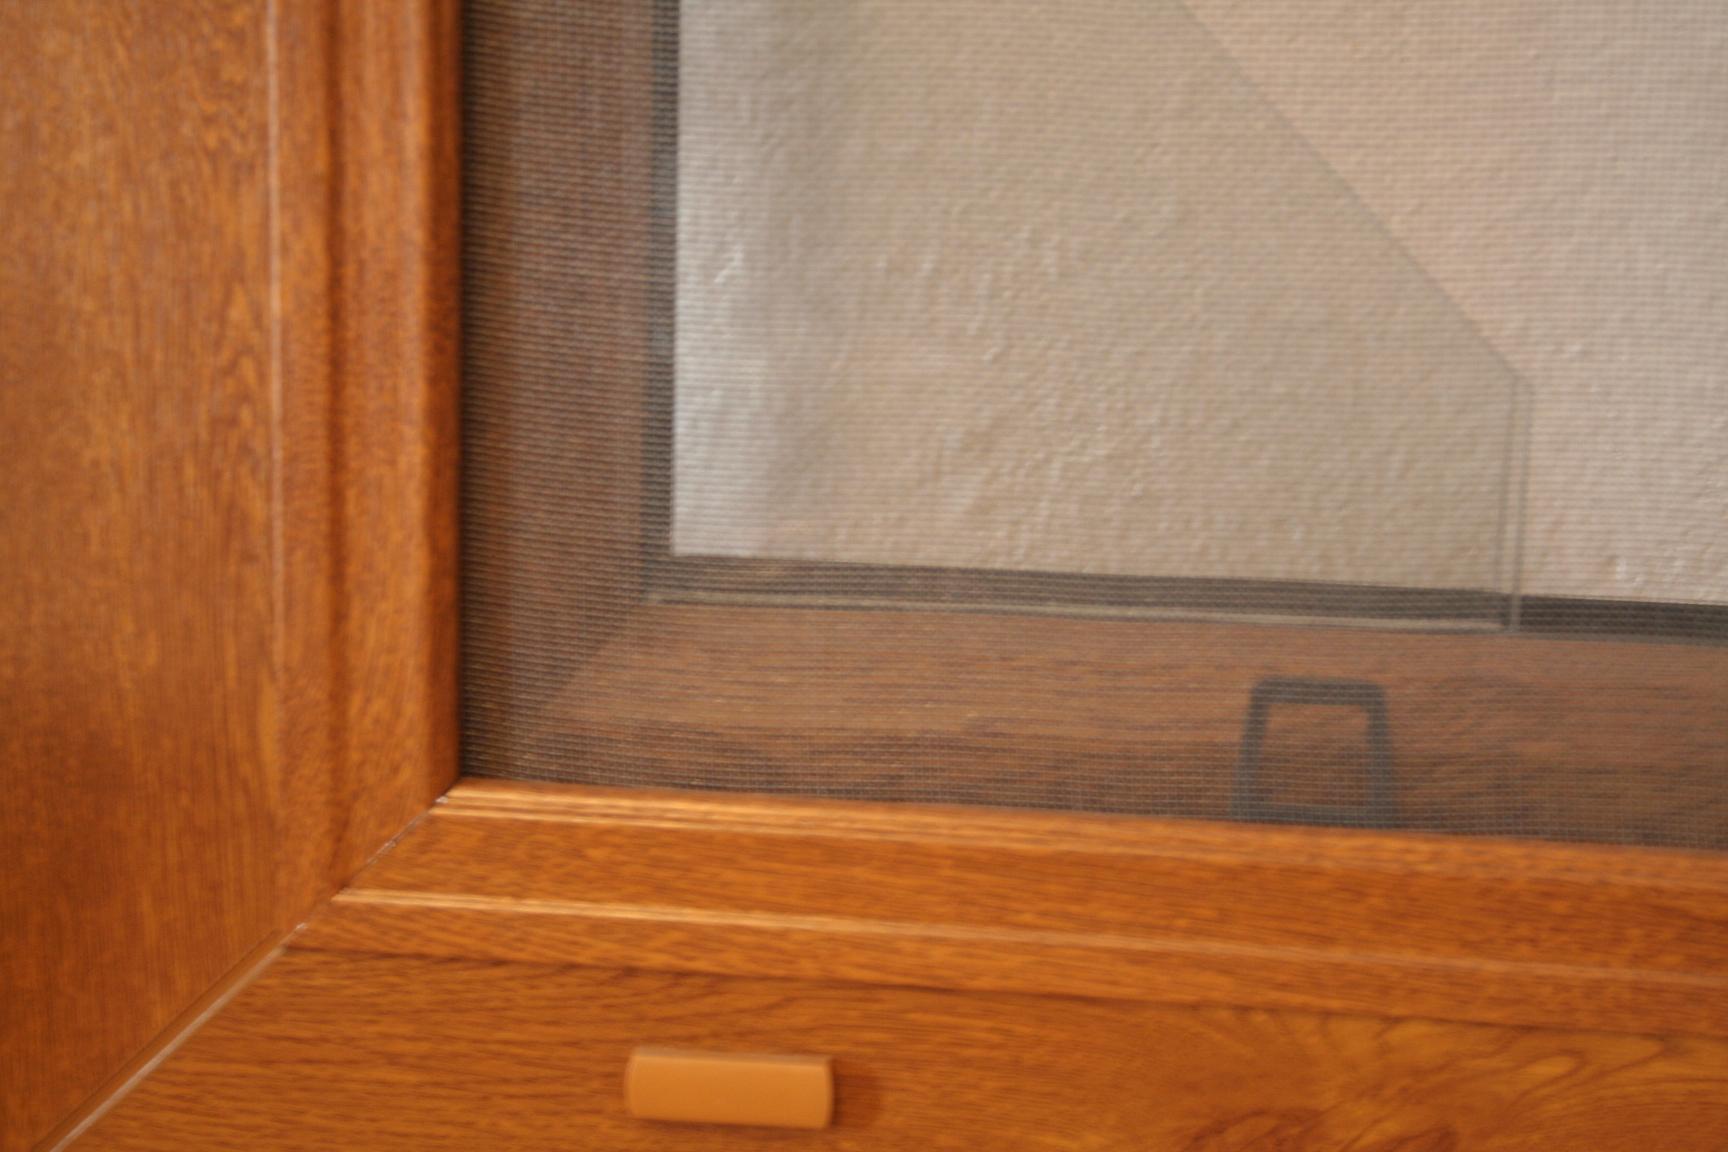 Sítě do oken proti hmyzu PETROMILA 501-600mm zlatý dub VÝŠKA: 20-30cm, ODSTÍN RÁMU: zlatý dub